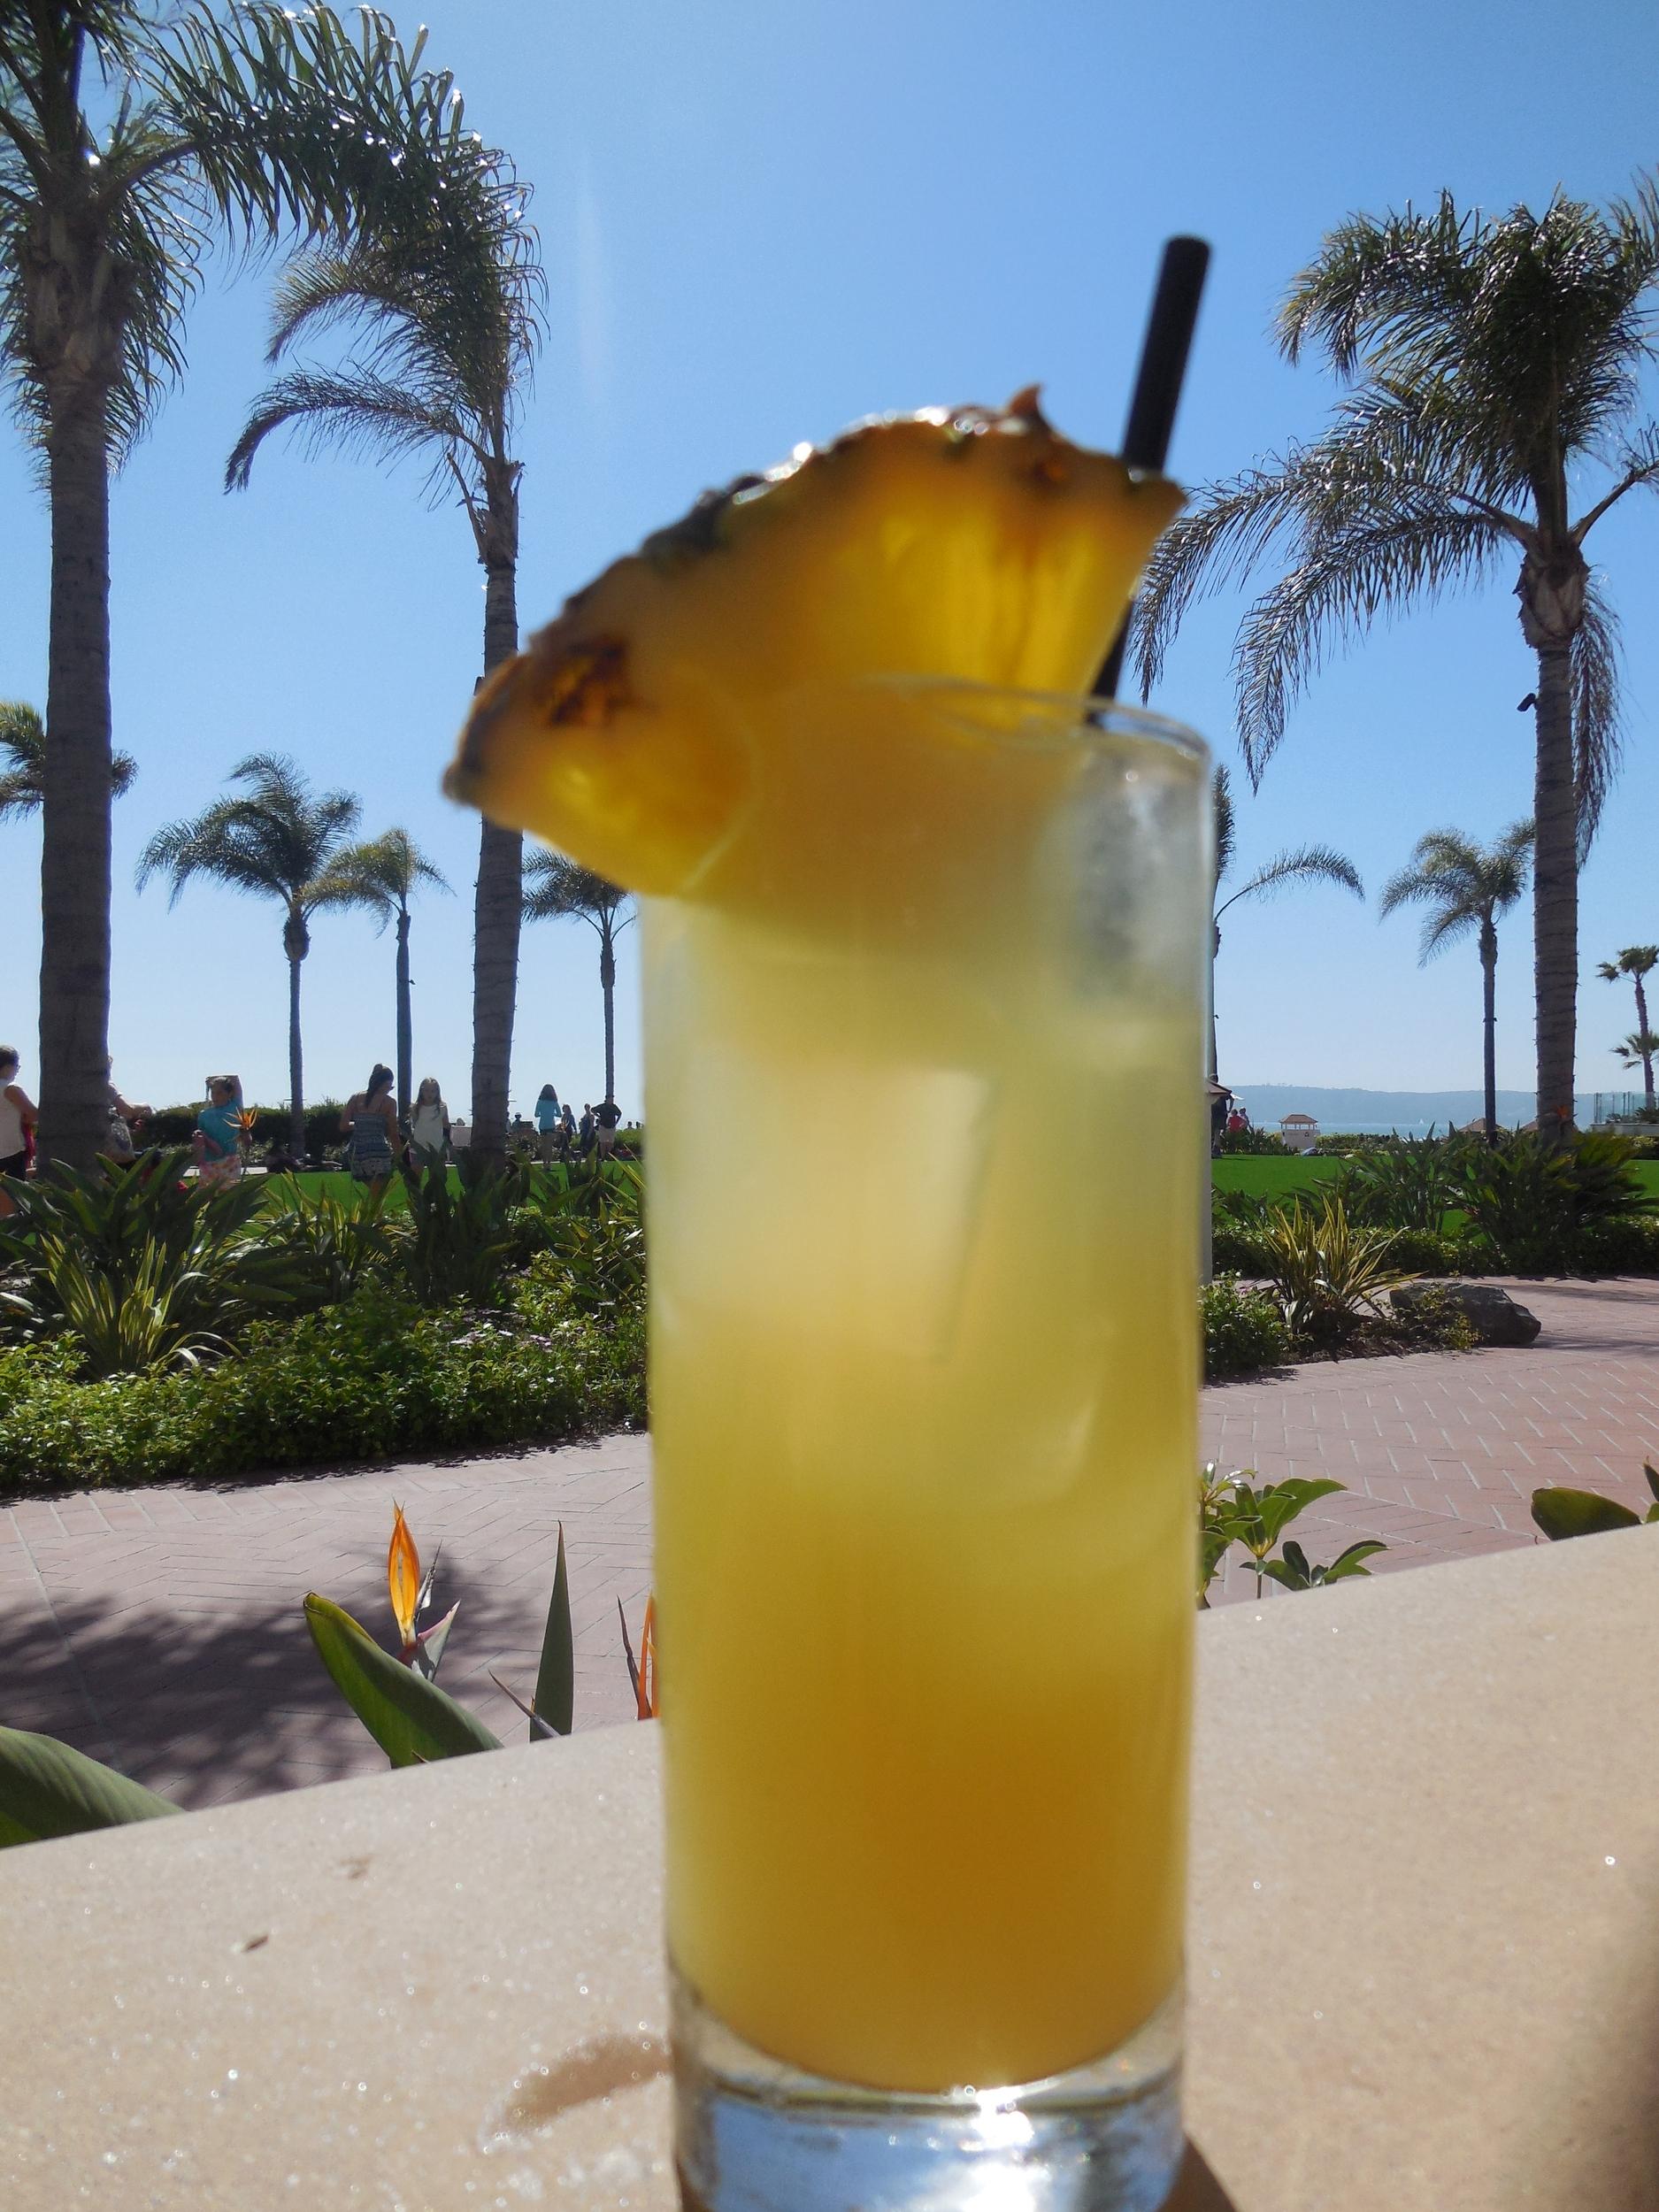 Coconut Express at Sheerwater, Hotel Del Coronado